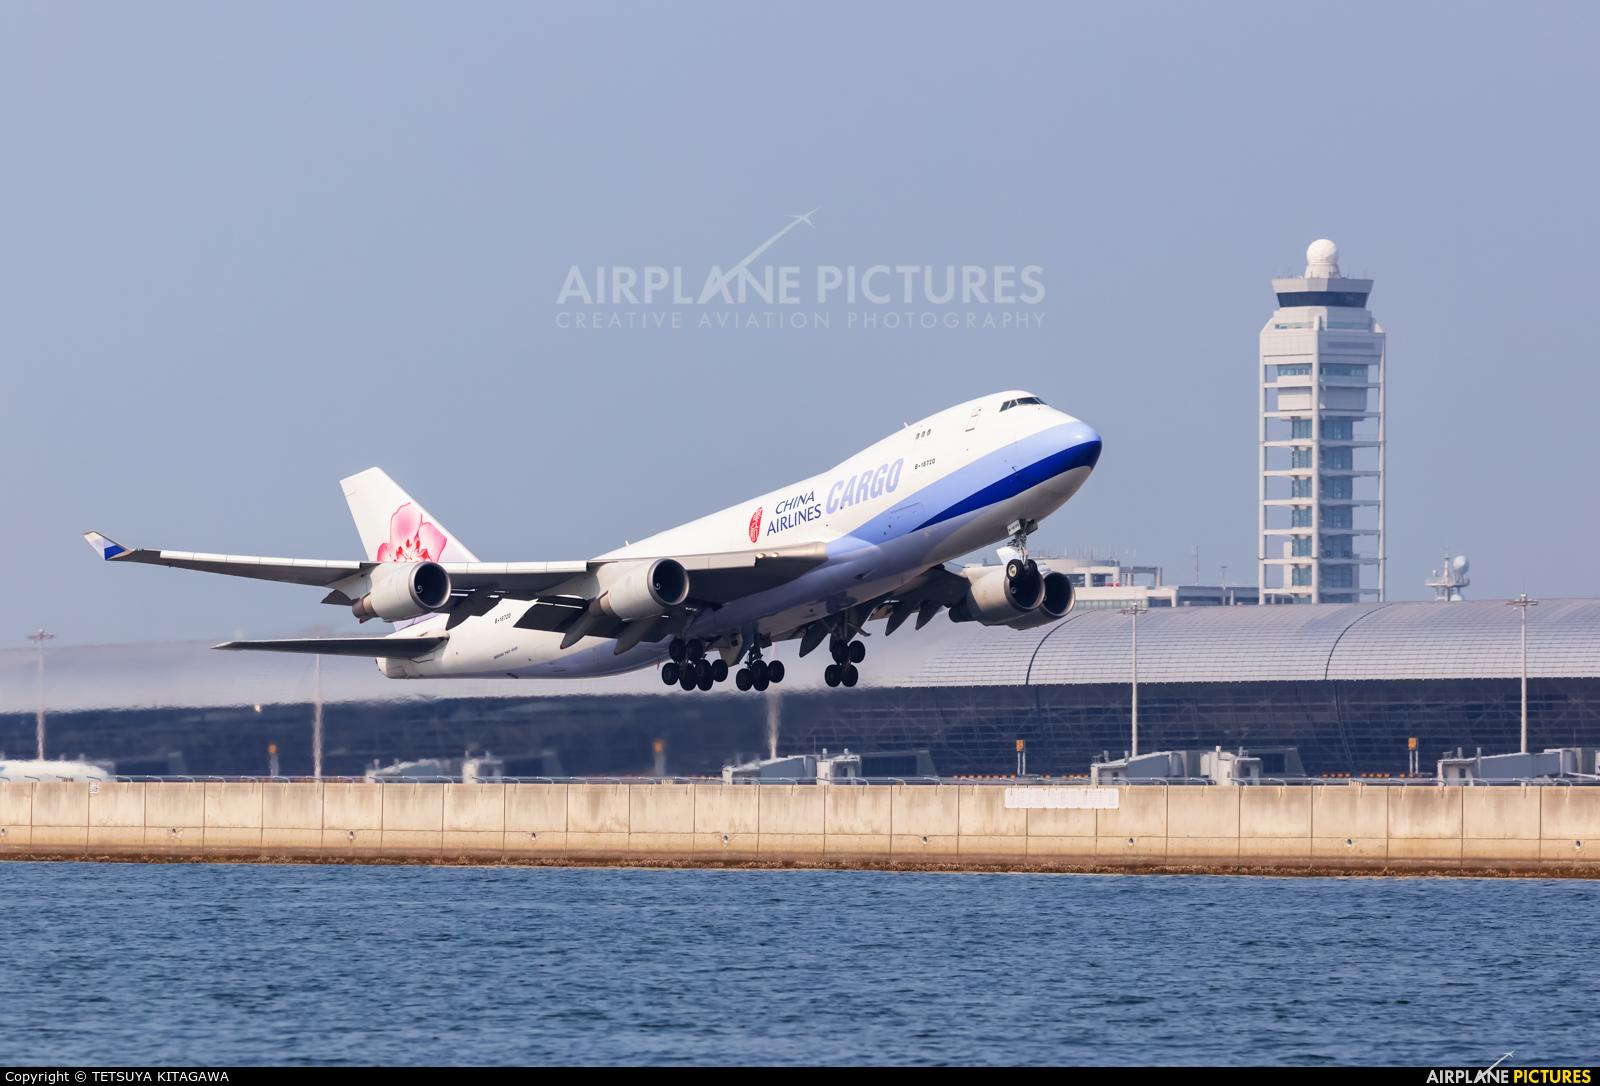 China Airlines Cargo B-18720 aircraft at Kansai Intl